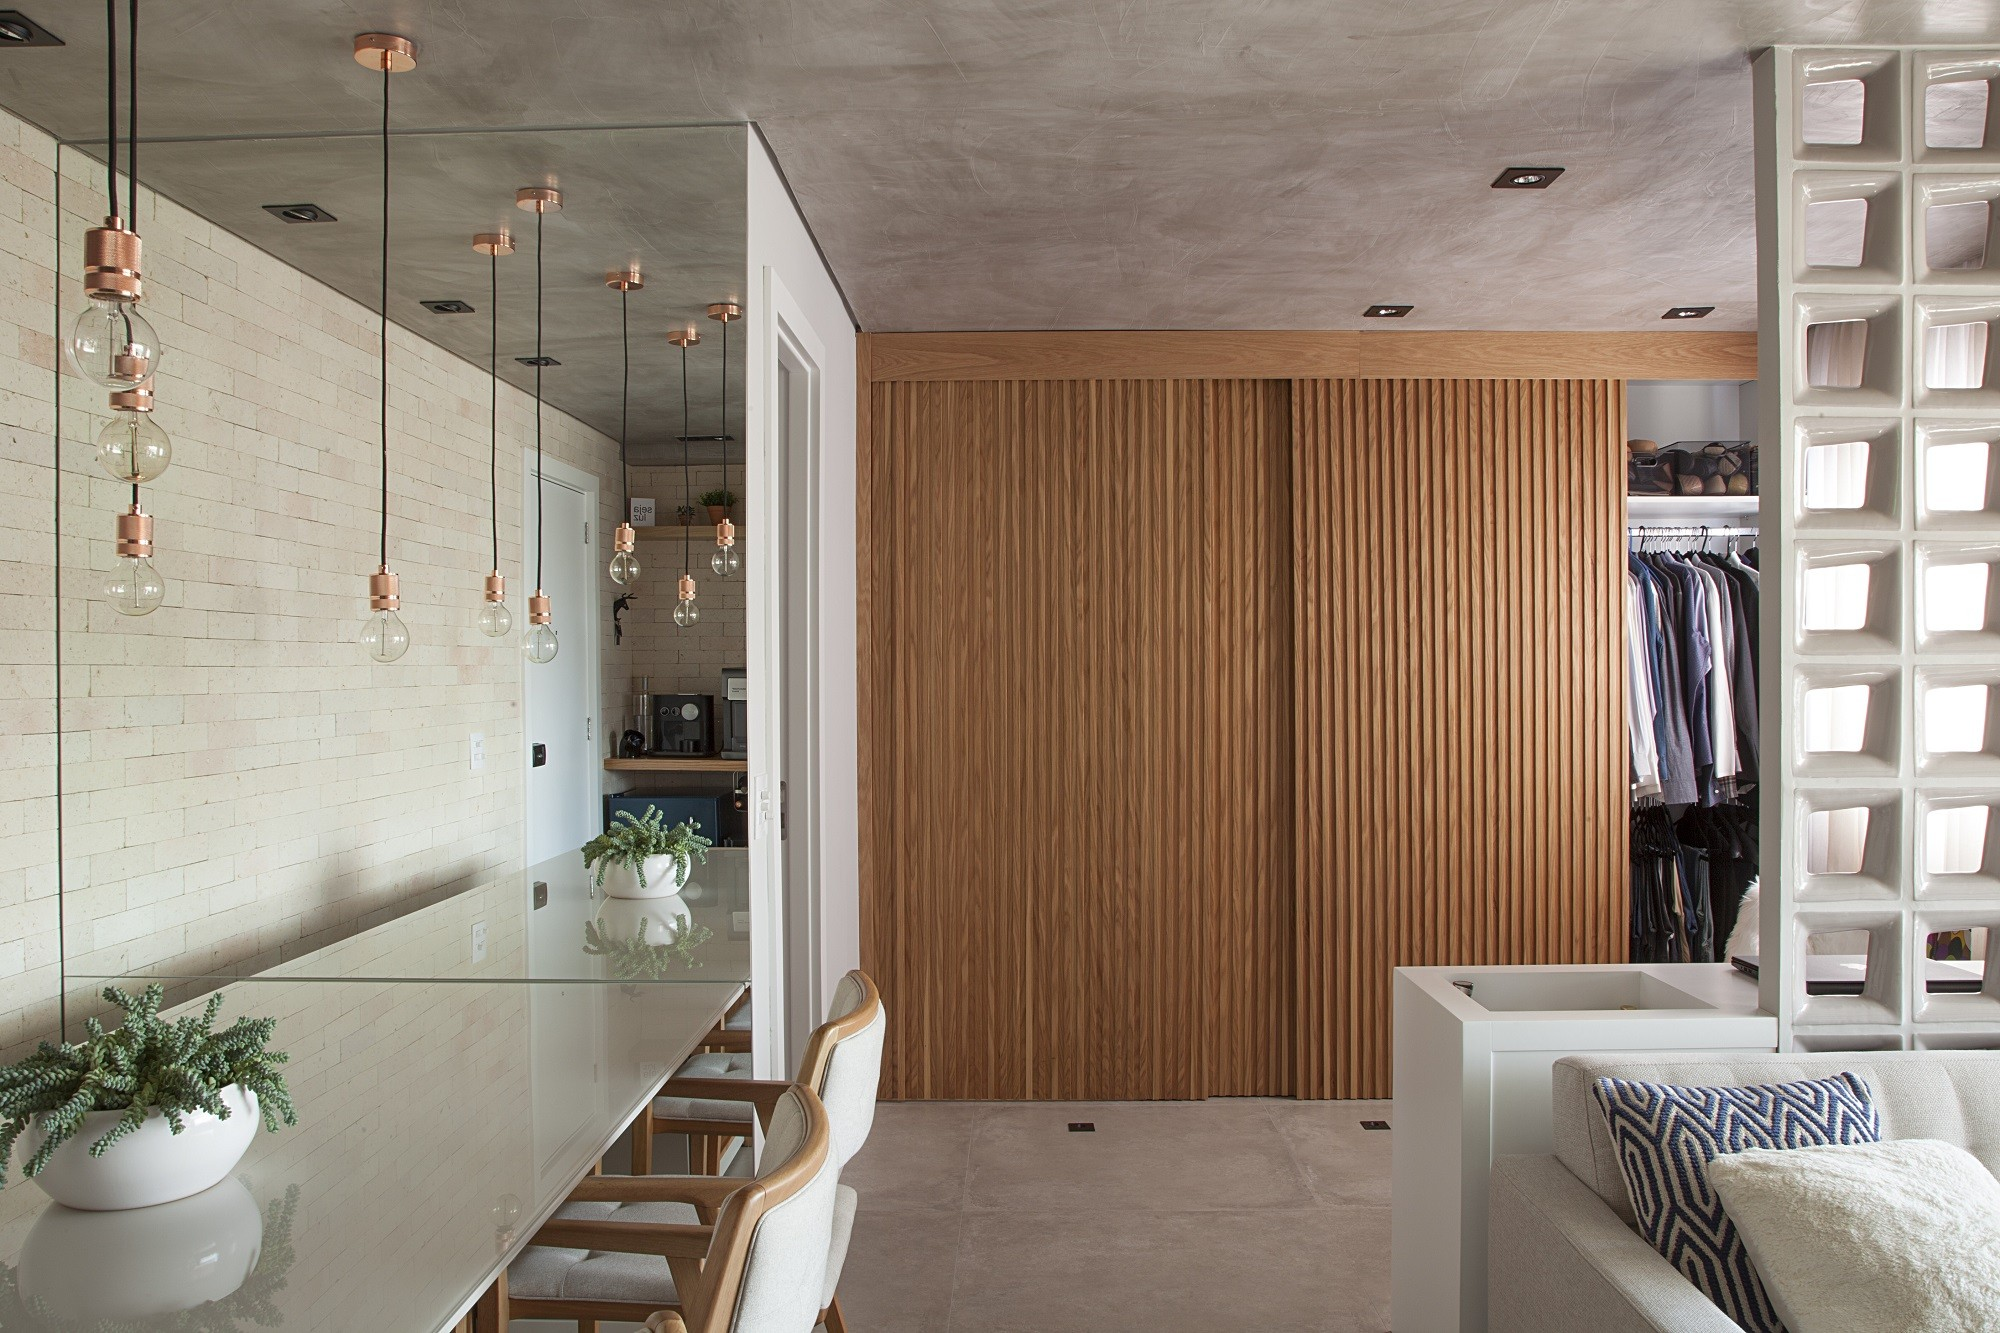 23 projetos incríveis com portas mimetizadas (Foto: Luis Gomes/Divulgação)